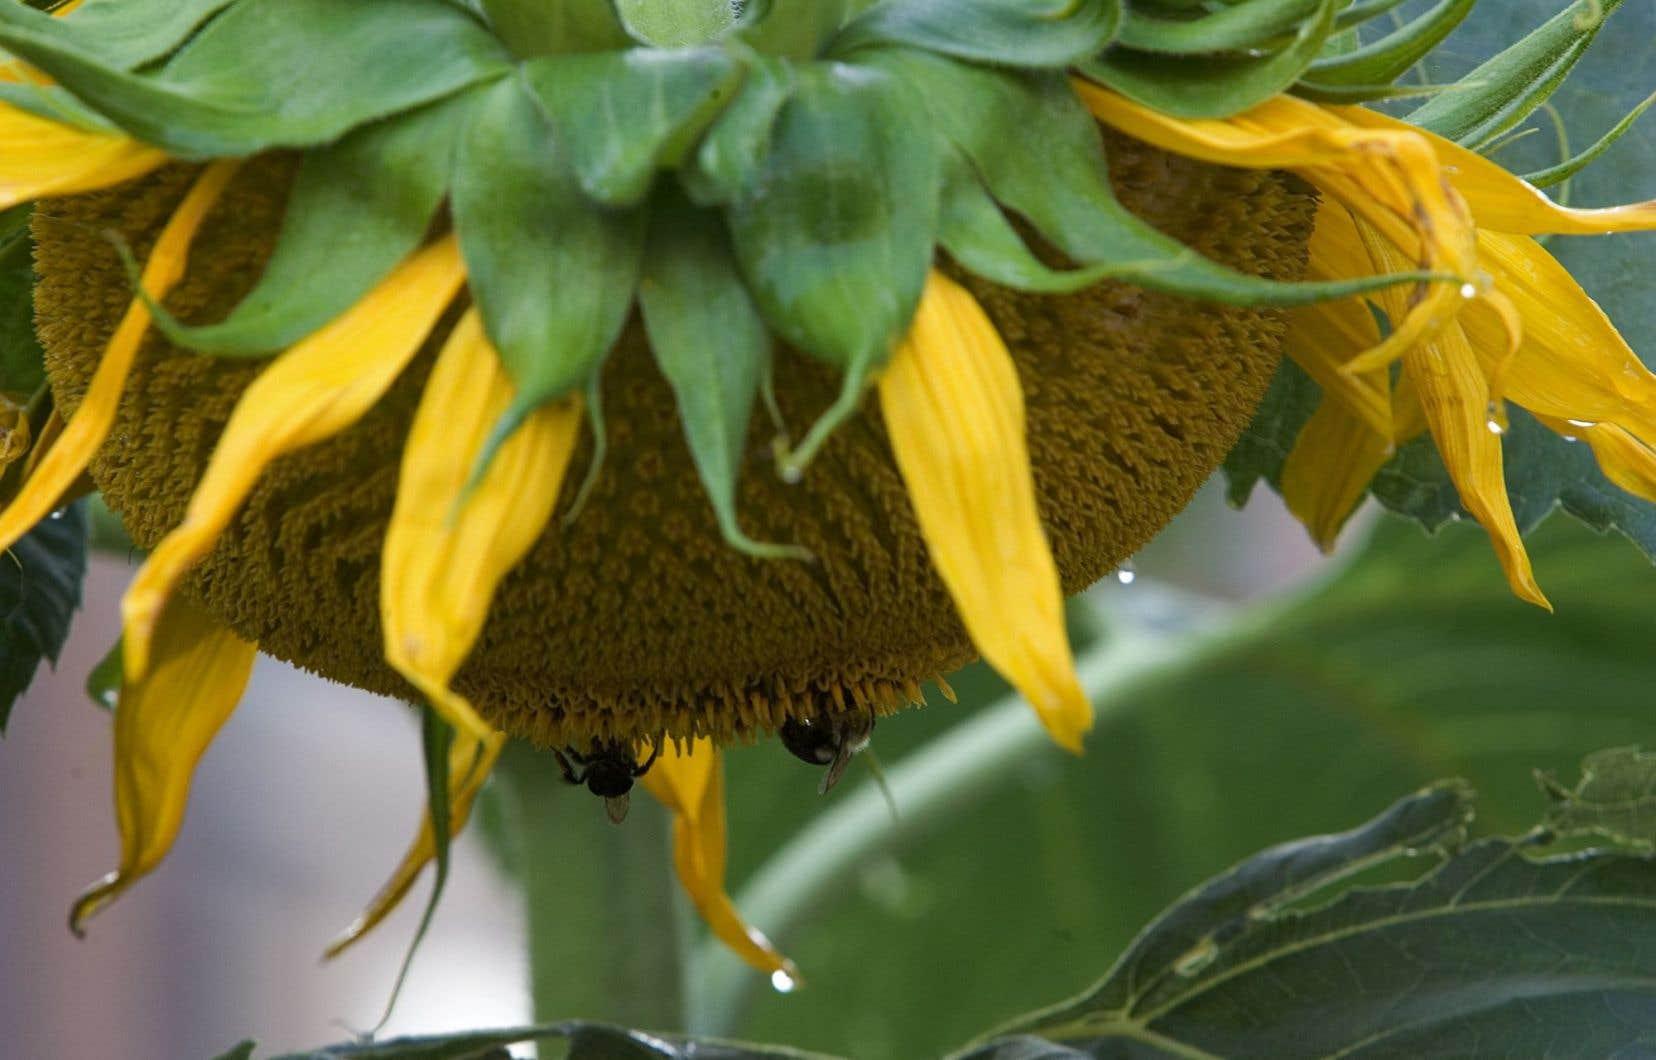 Selon différentes études, l'abeille domestique et ses comparses, les pollinisateurs sauvages, contribueraient à notre approvisionnement alimentaire pour une somme équivalant à environ 10 % des revenus agricoles mondiaux.